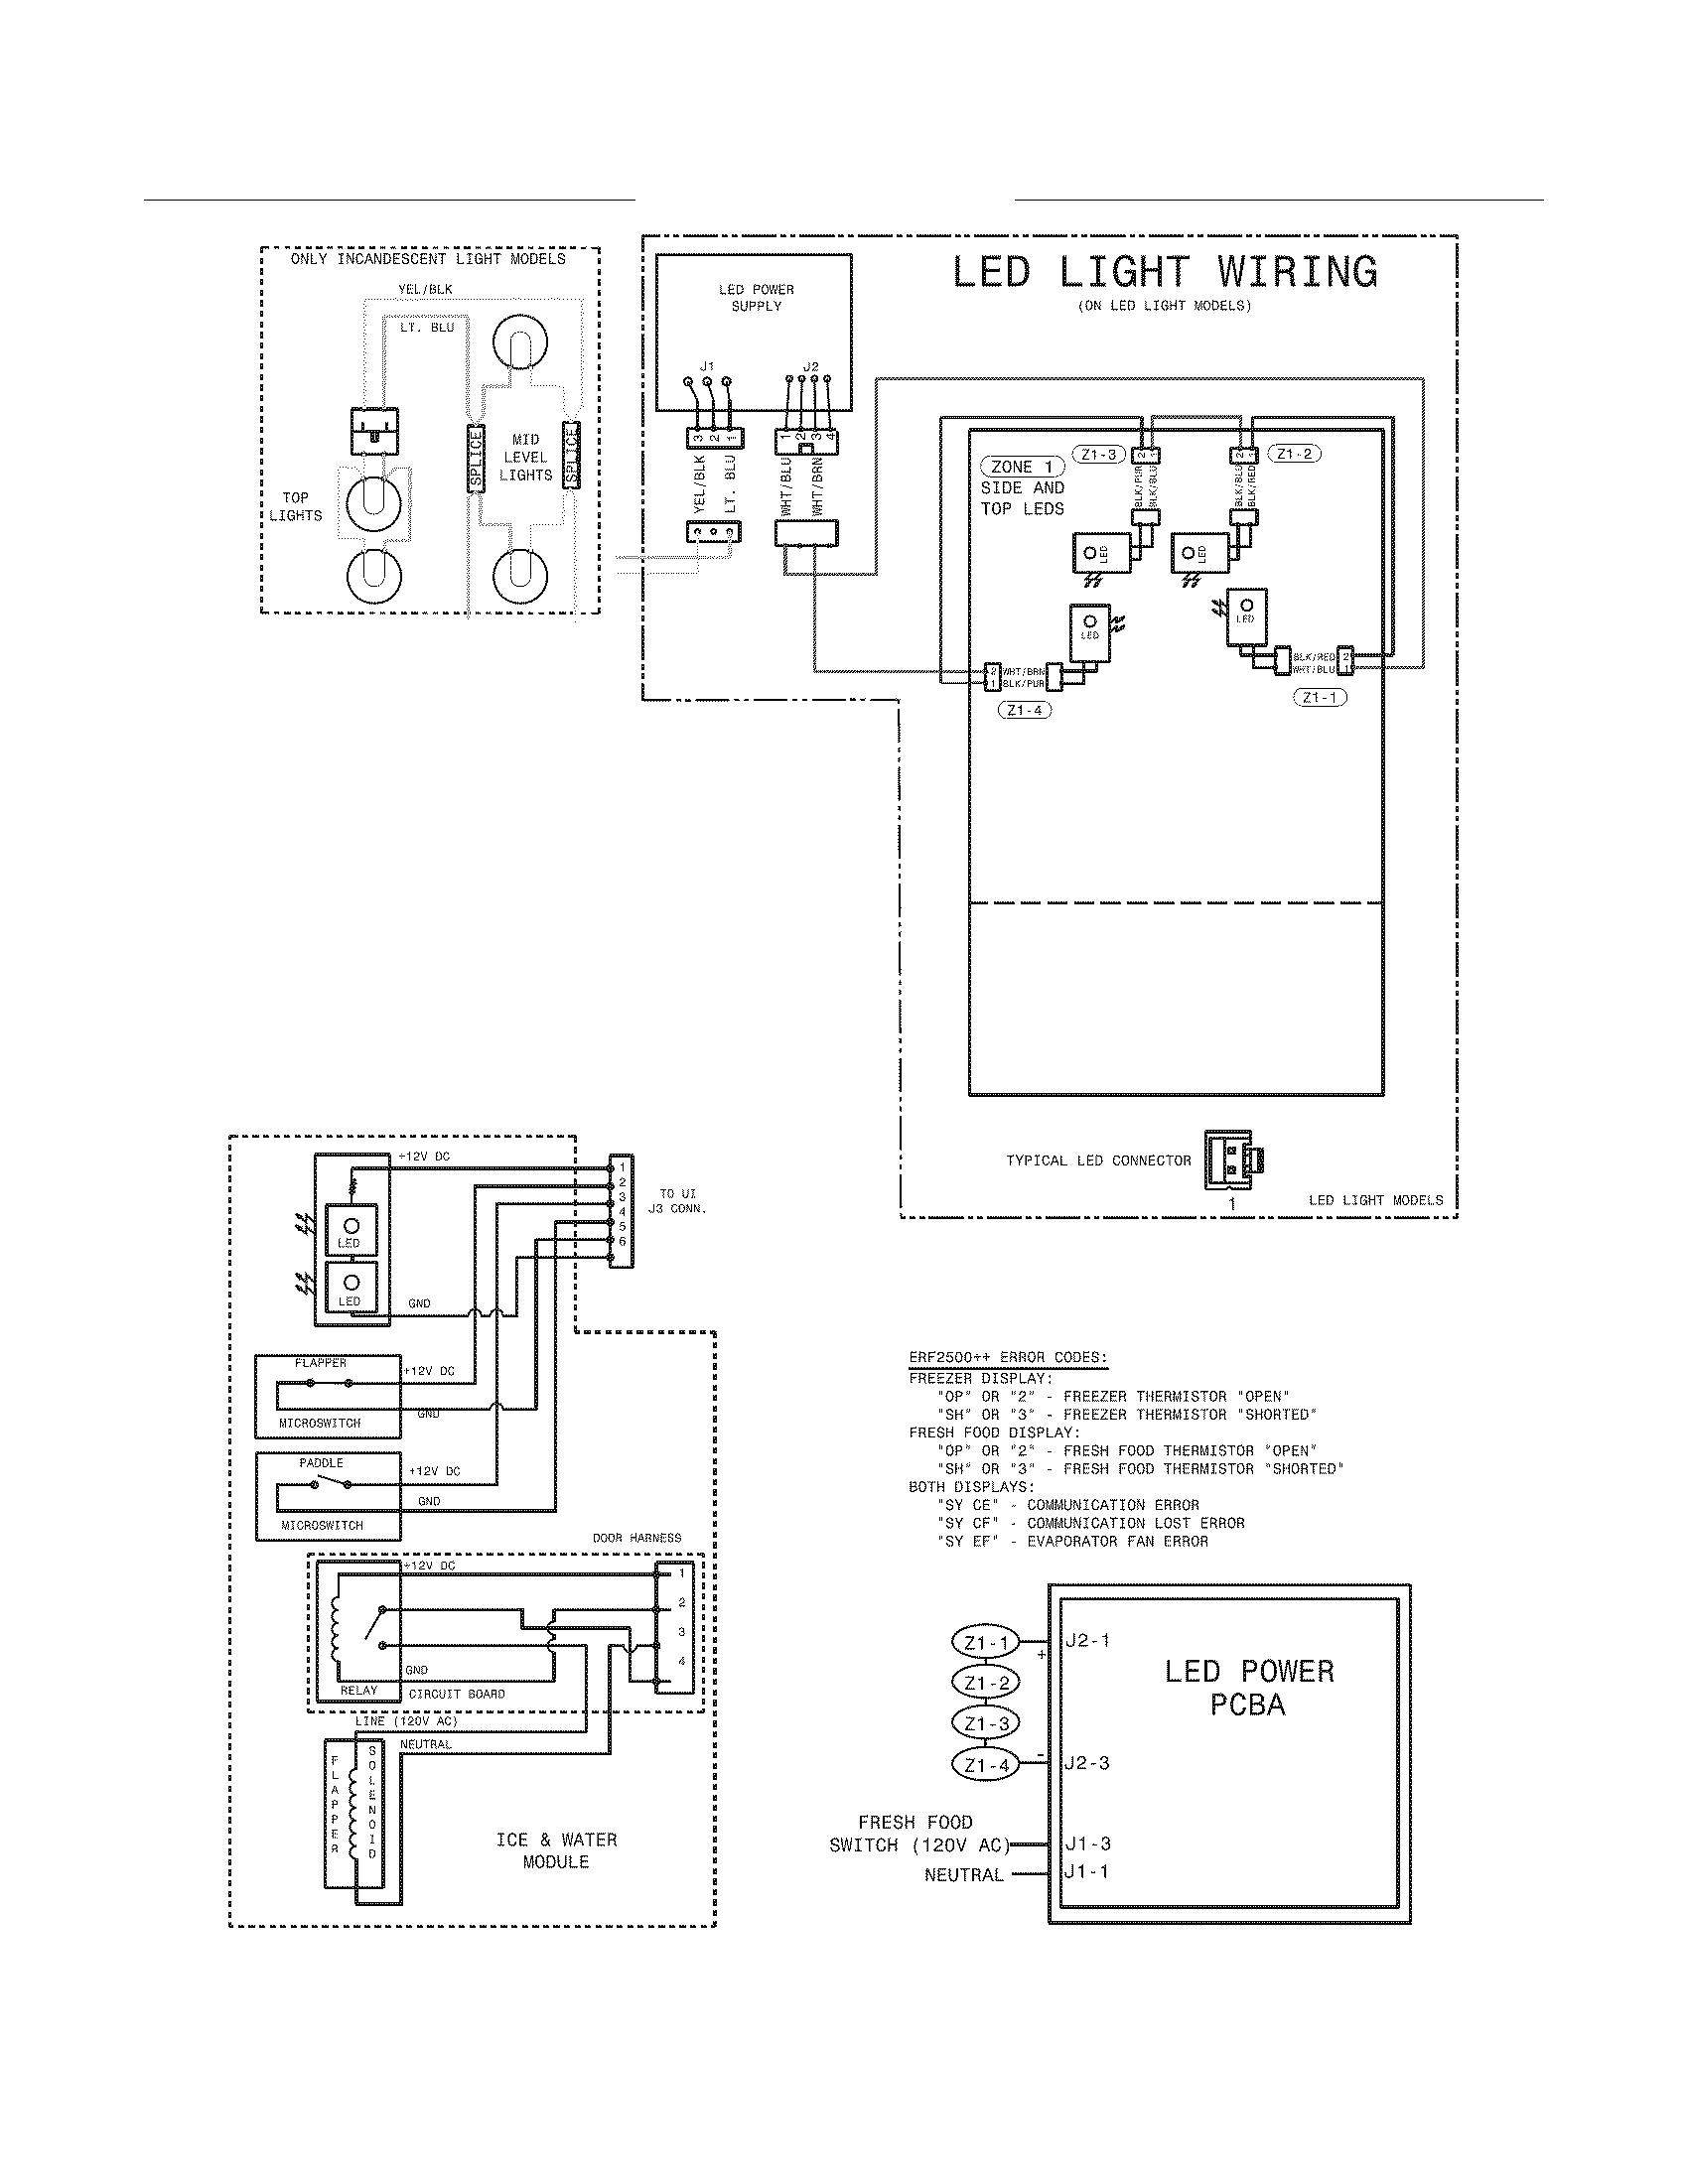 hight resolution of frigidaire fghb2844lf7 wiring diagram diagram